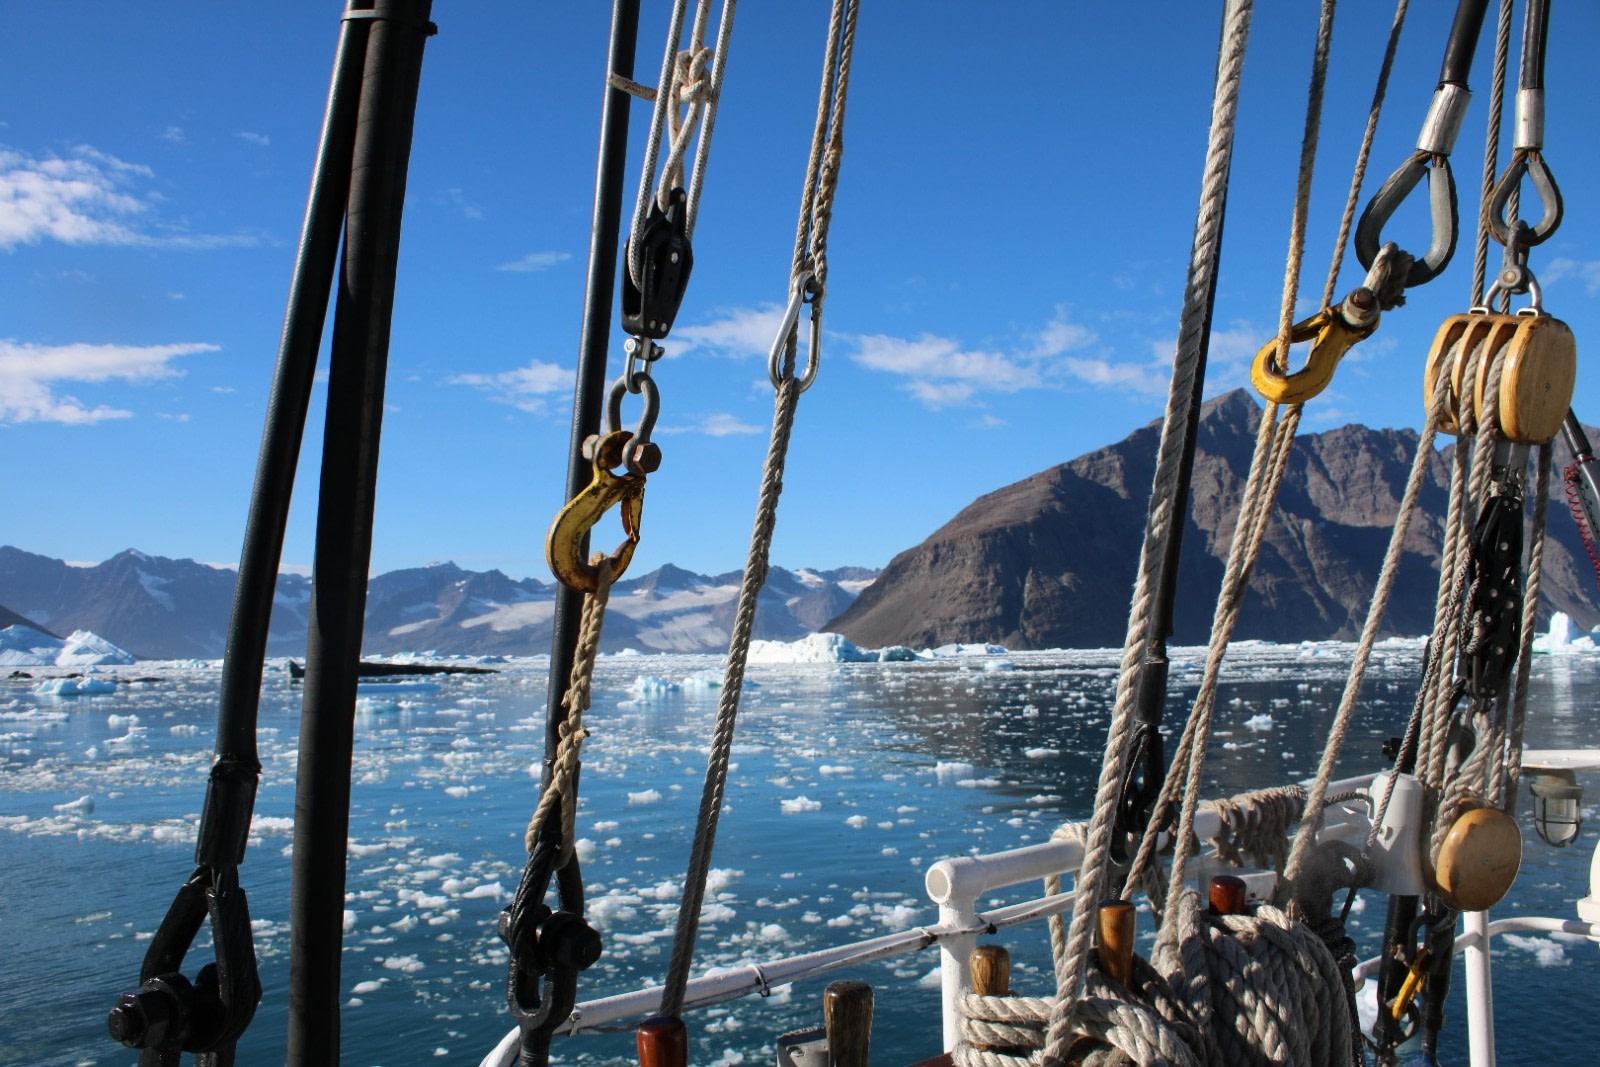 Sailing in Greenland with Rembrandt van Rijn.